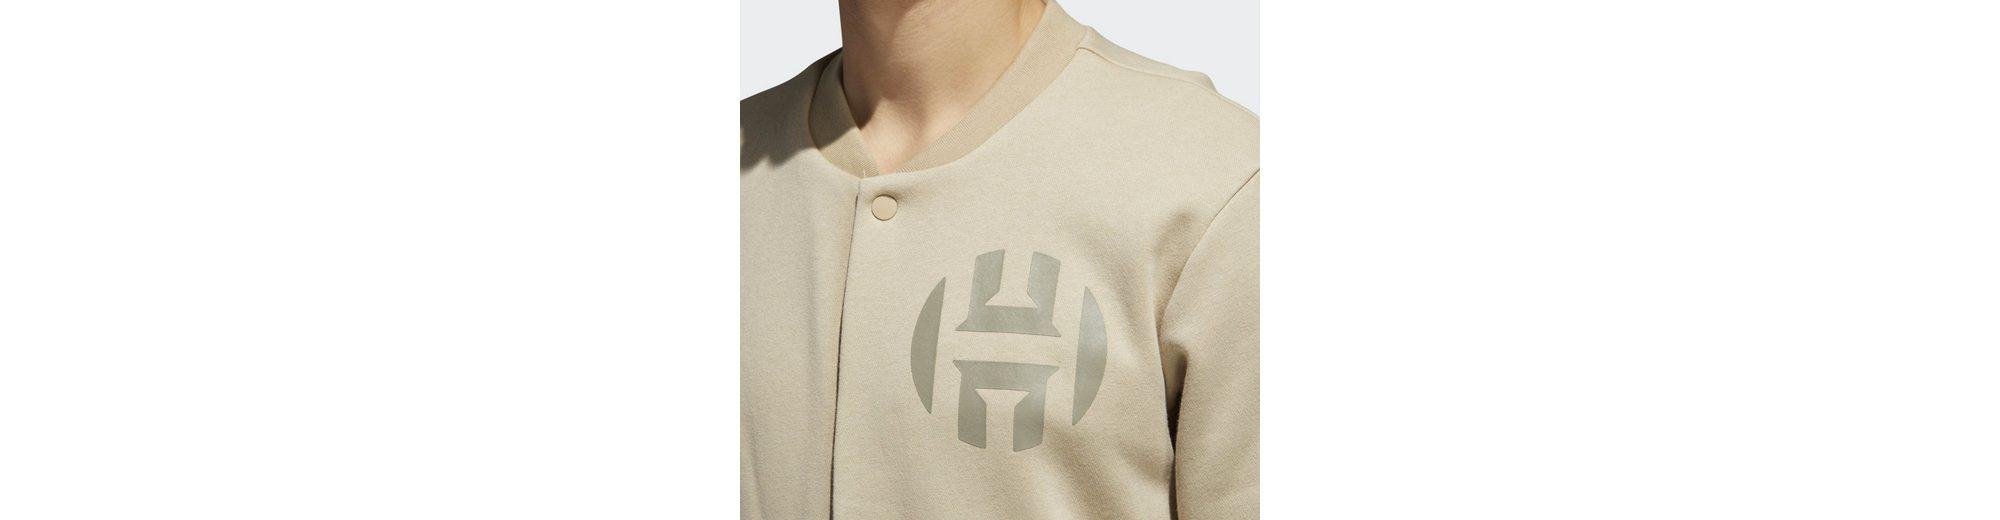 adidas Performance Funktionsjacke Harden Varsity Jacke Vol. 2 Wie Viel Zu Verkaufen Shop Selbst teF2uHuBp